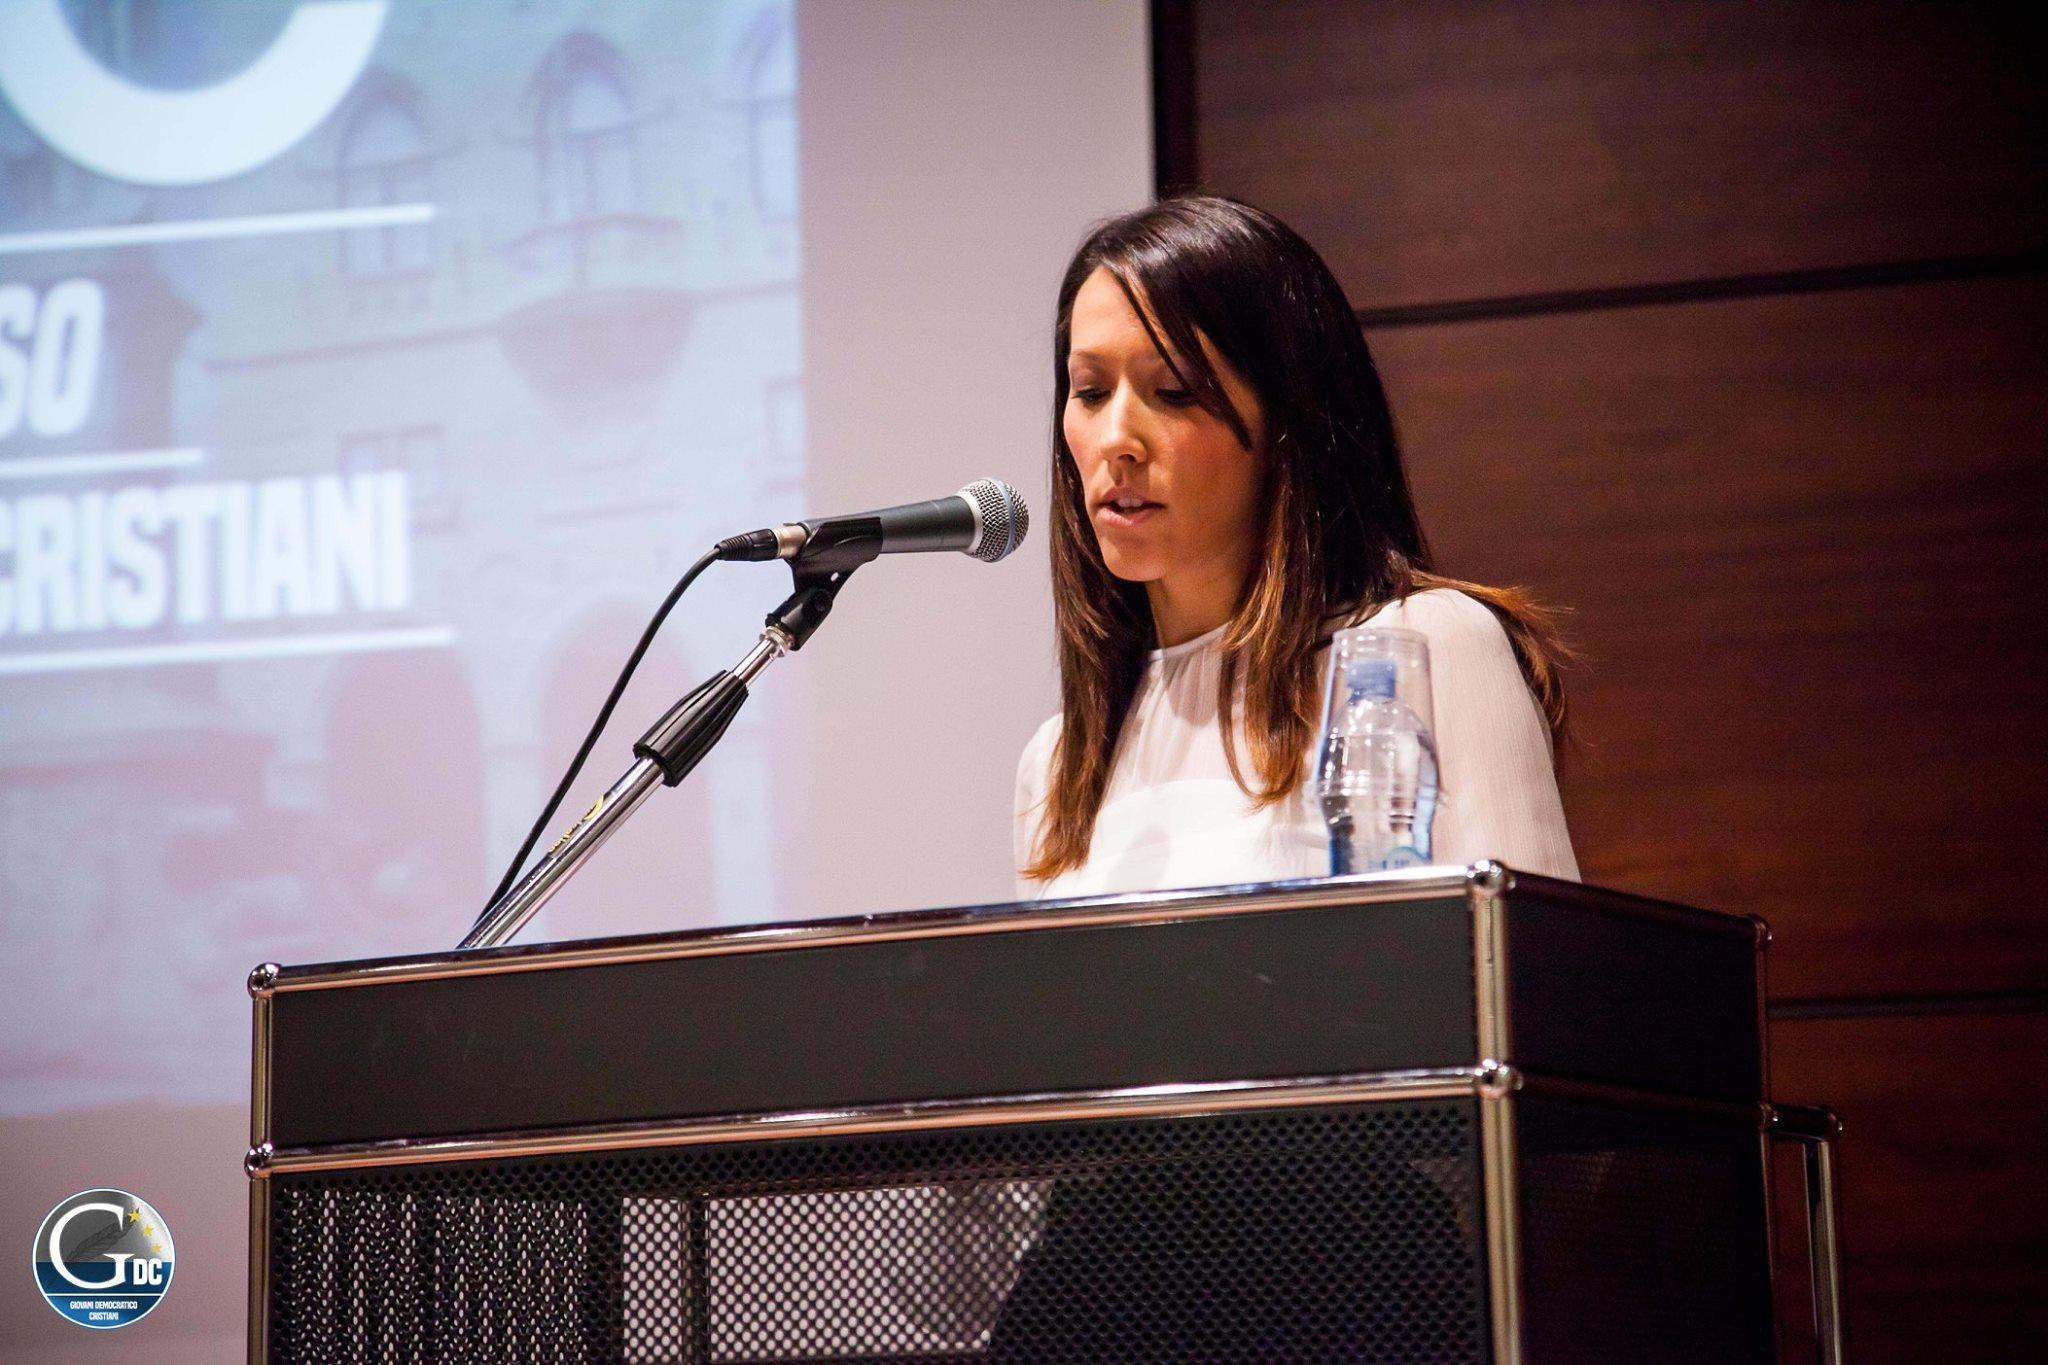 XVI Congresso GDC intervento di Alice Mina